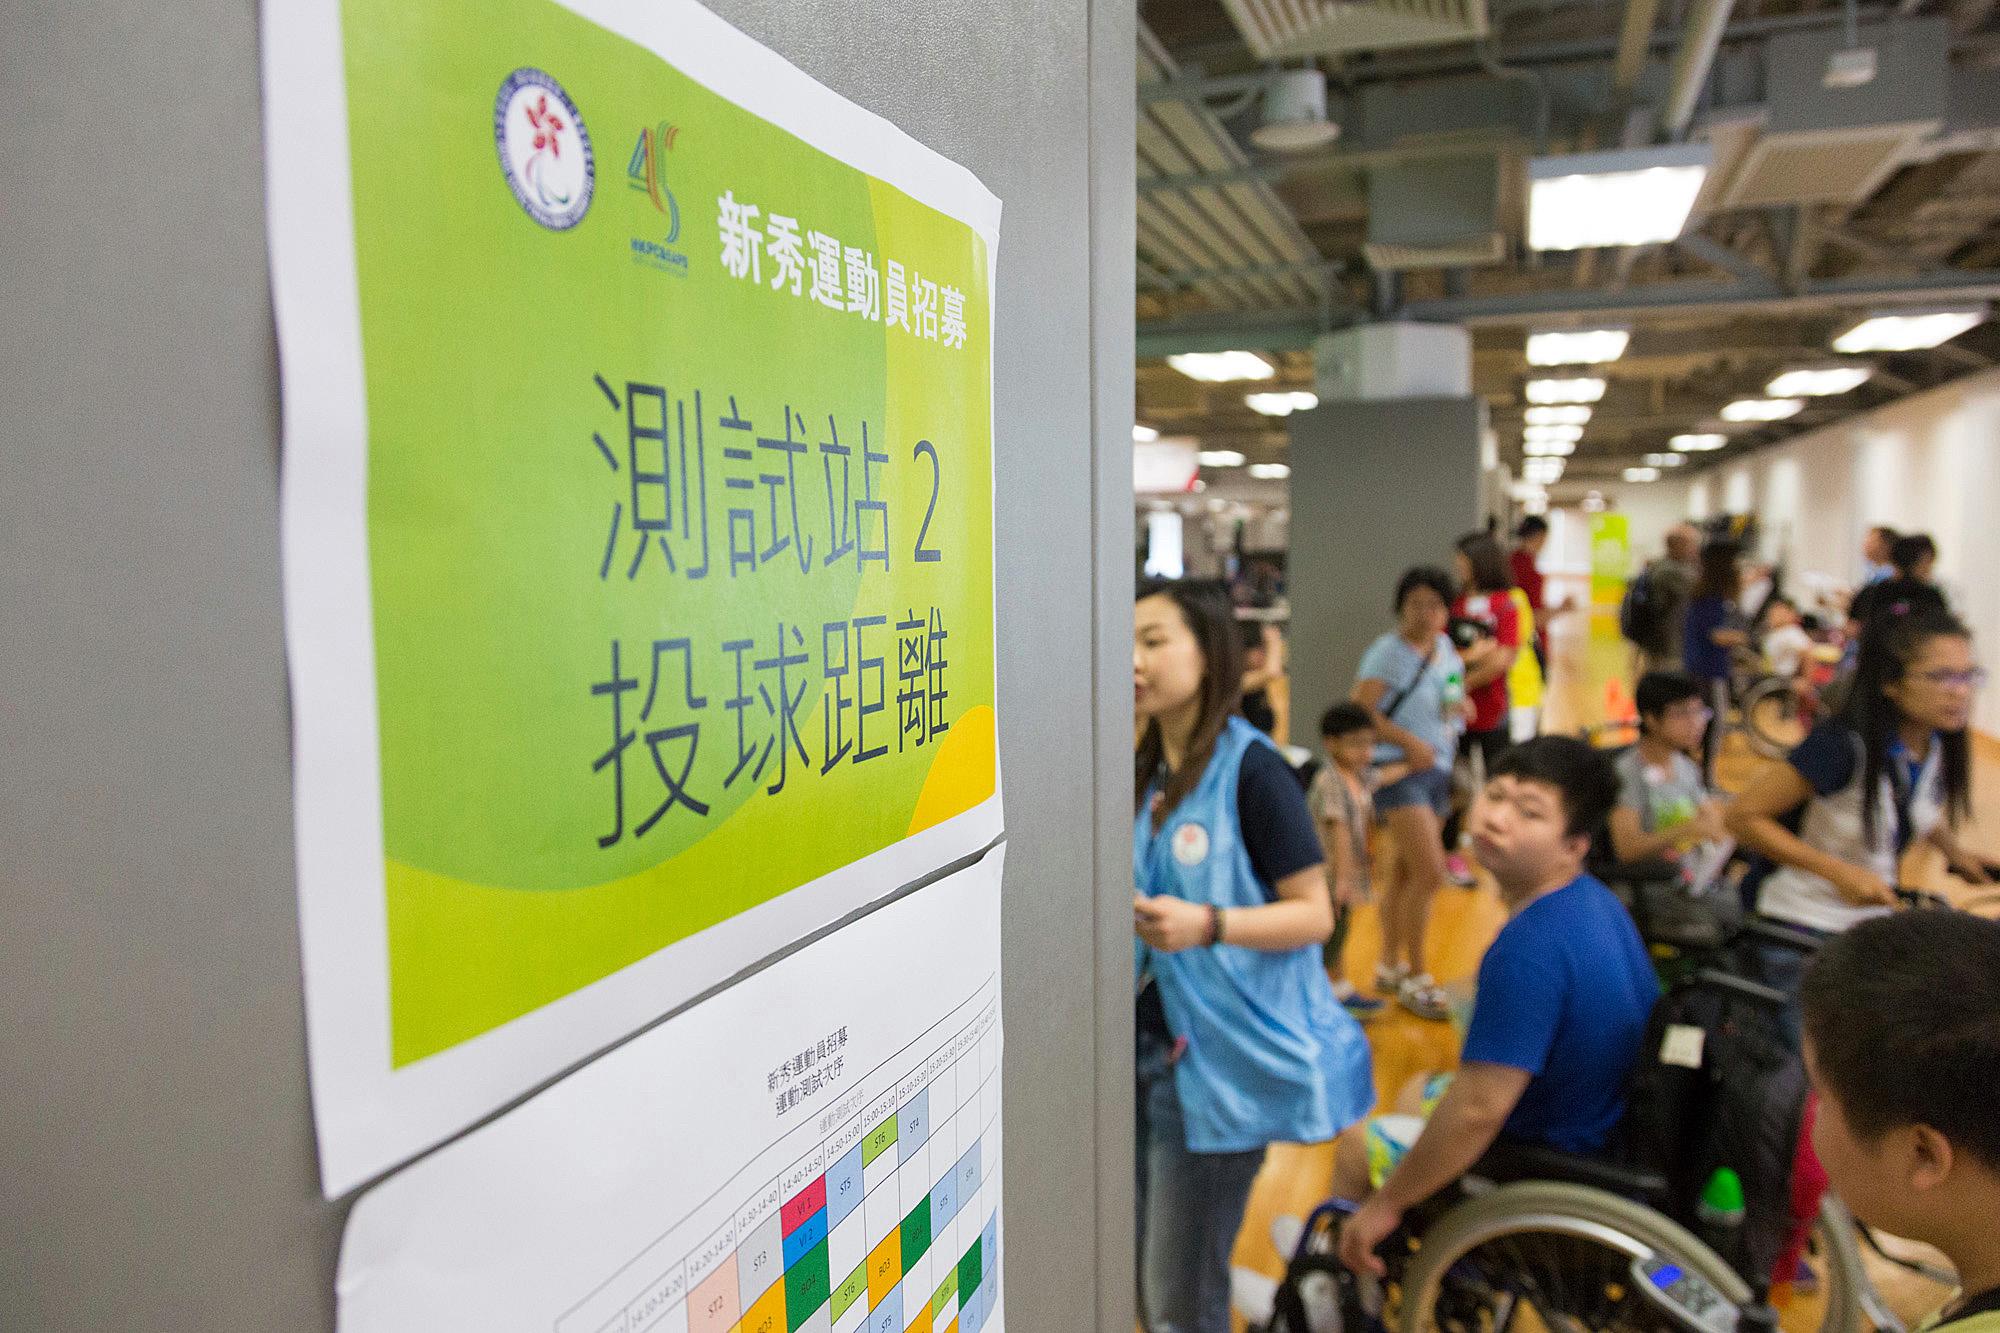 殘疾人運動持續發展計劃